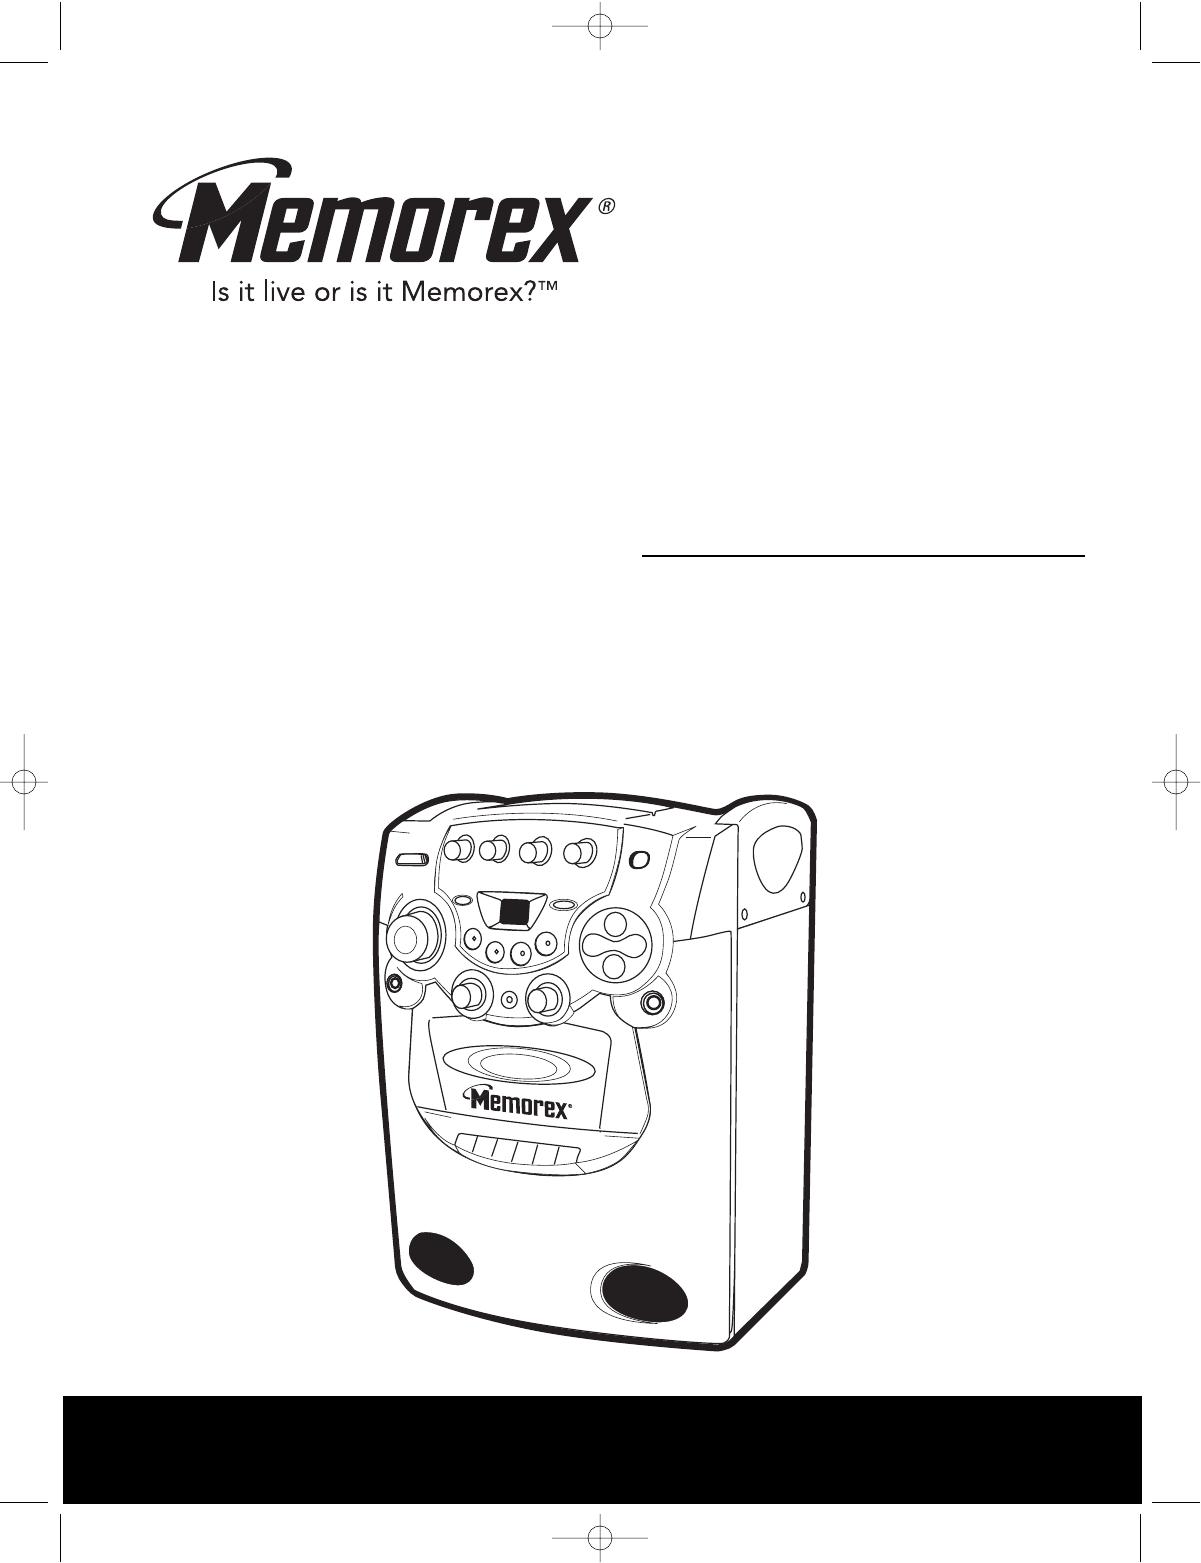 memorex portable cd player mks2420 user guide